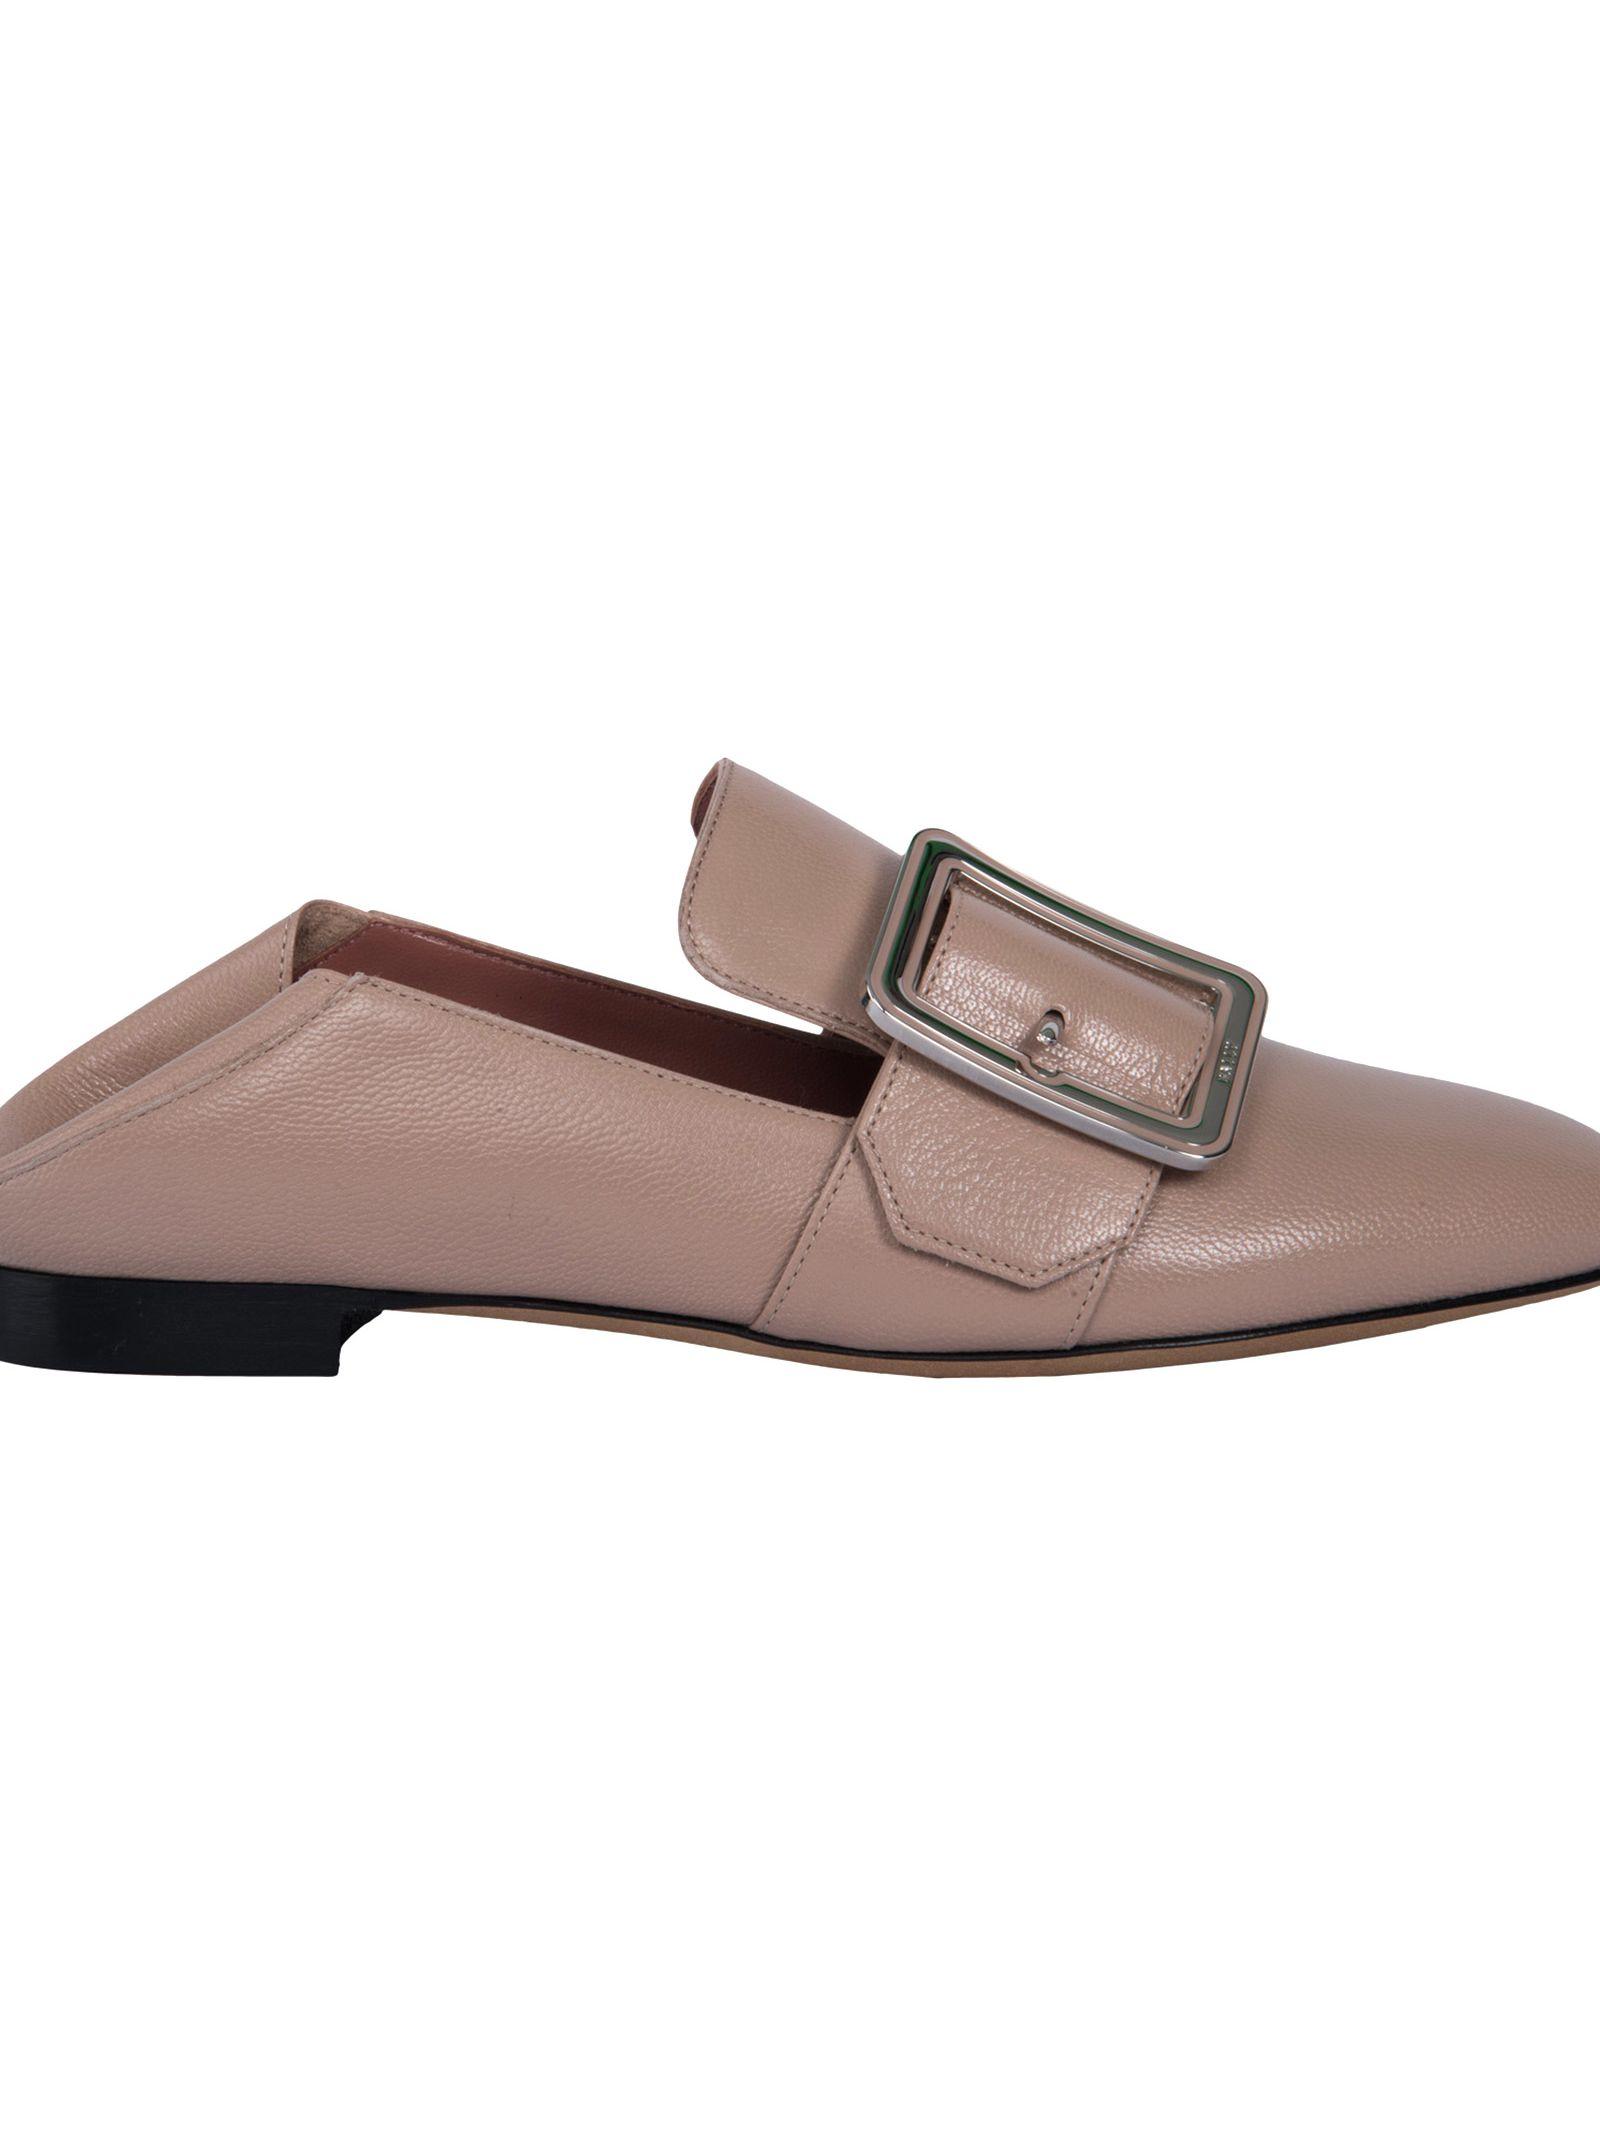 La Cantidad De Descuento Almacenar Bally Janelle loafers - Nude & Neutrals Ubicaciones De Los Centros Barato En Línea 100% Original Salida Recomienda 3Dm9AFb2Q2